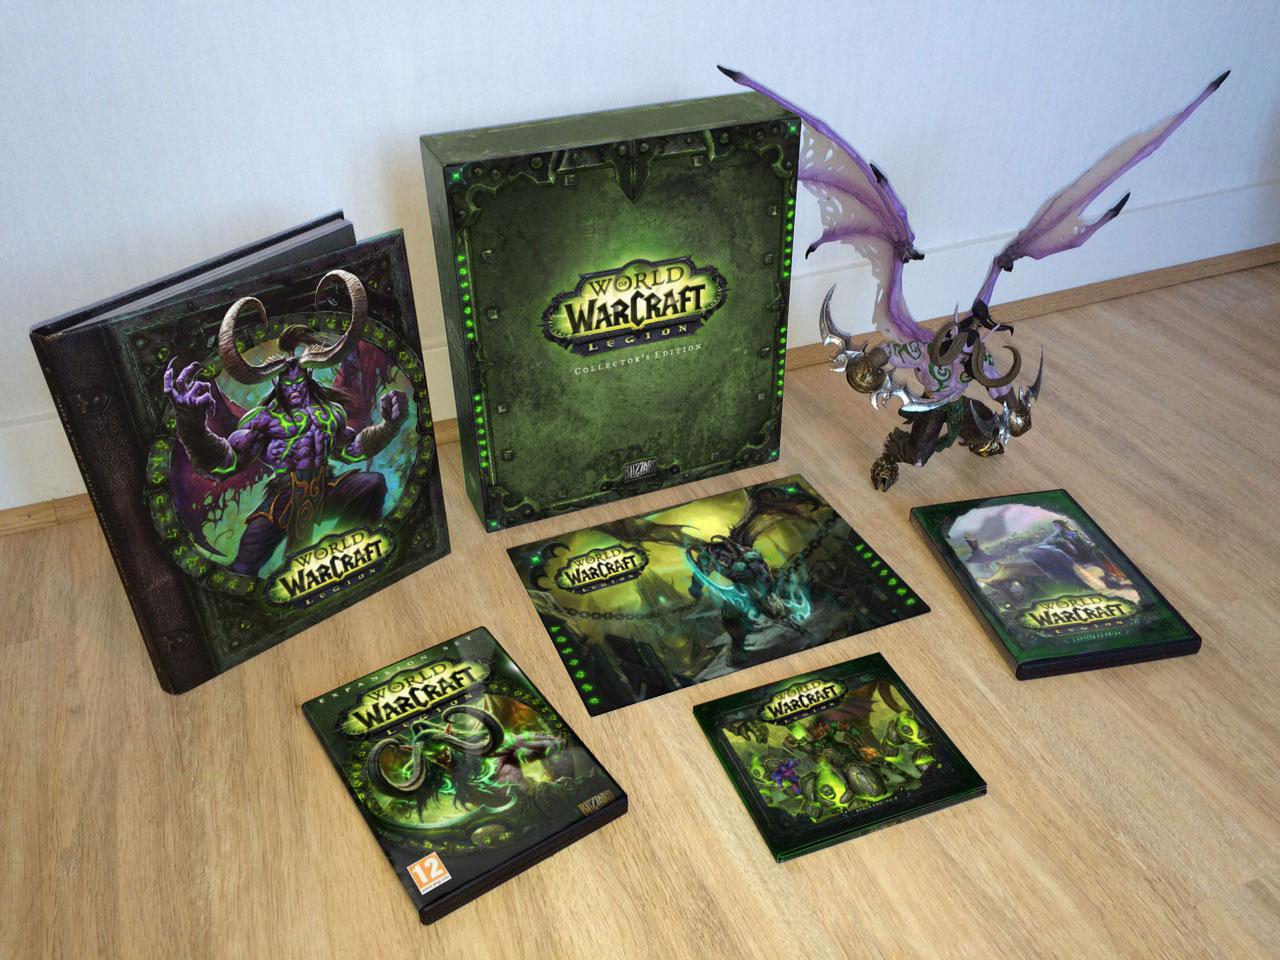 Une fausse édition Collector de World of Warcraft: Legion réalisée par Psychocat.